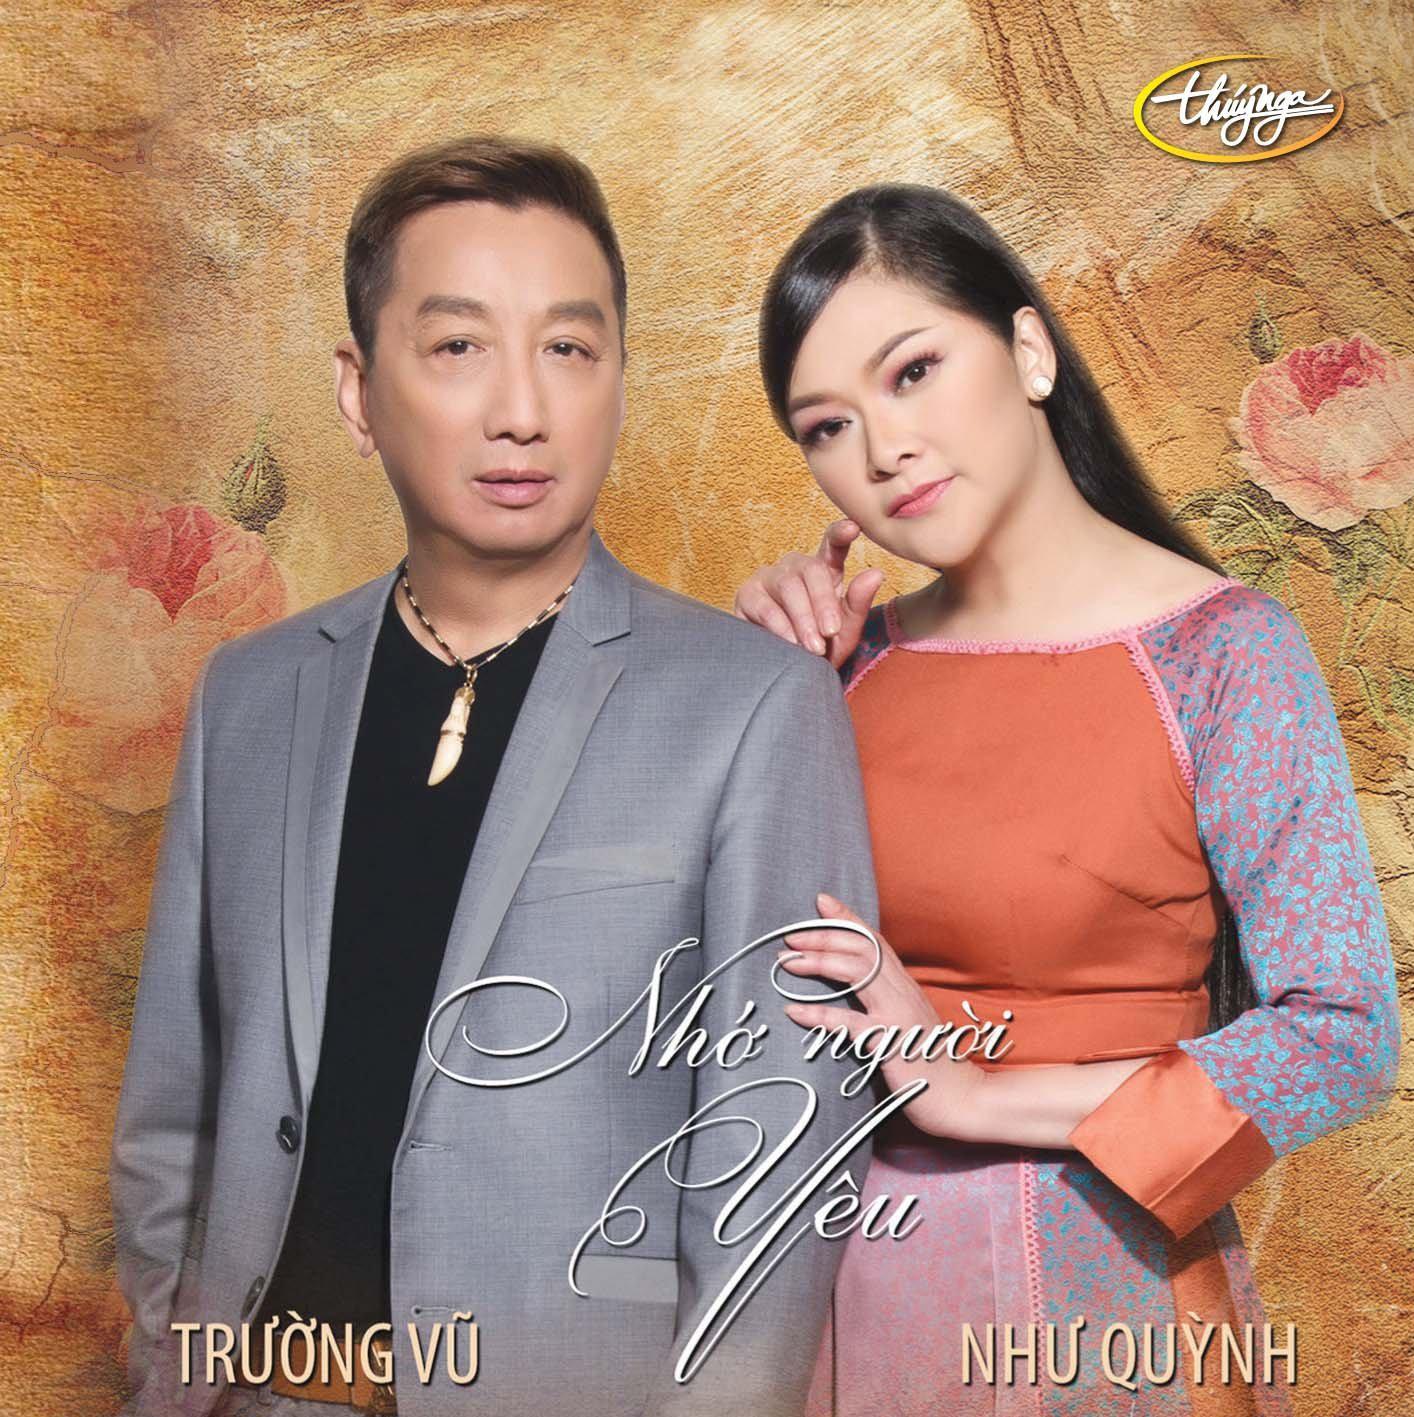 CD Nhớ Người Yêu